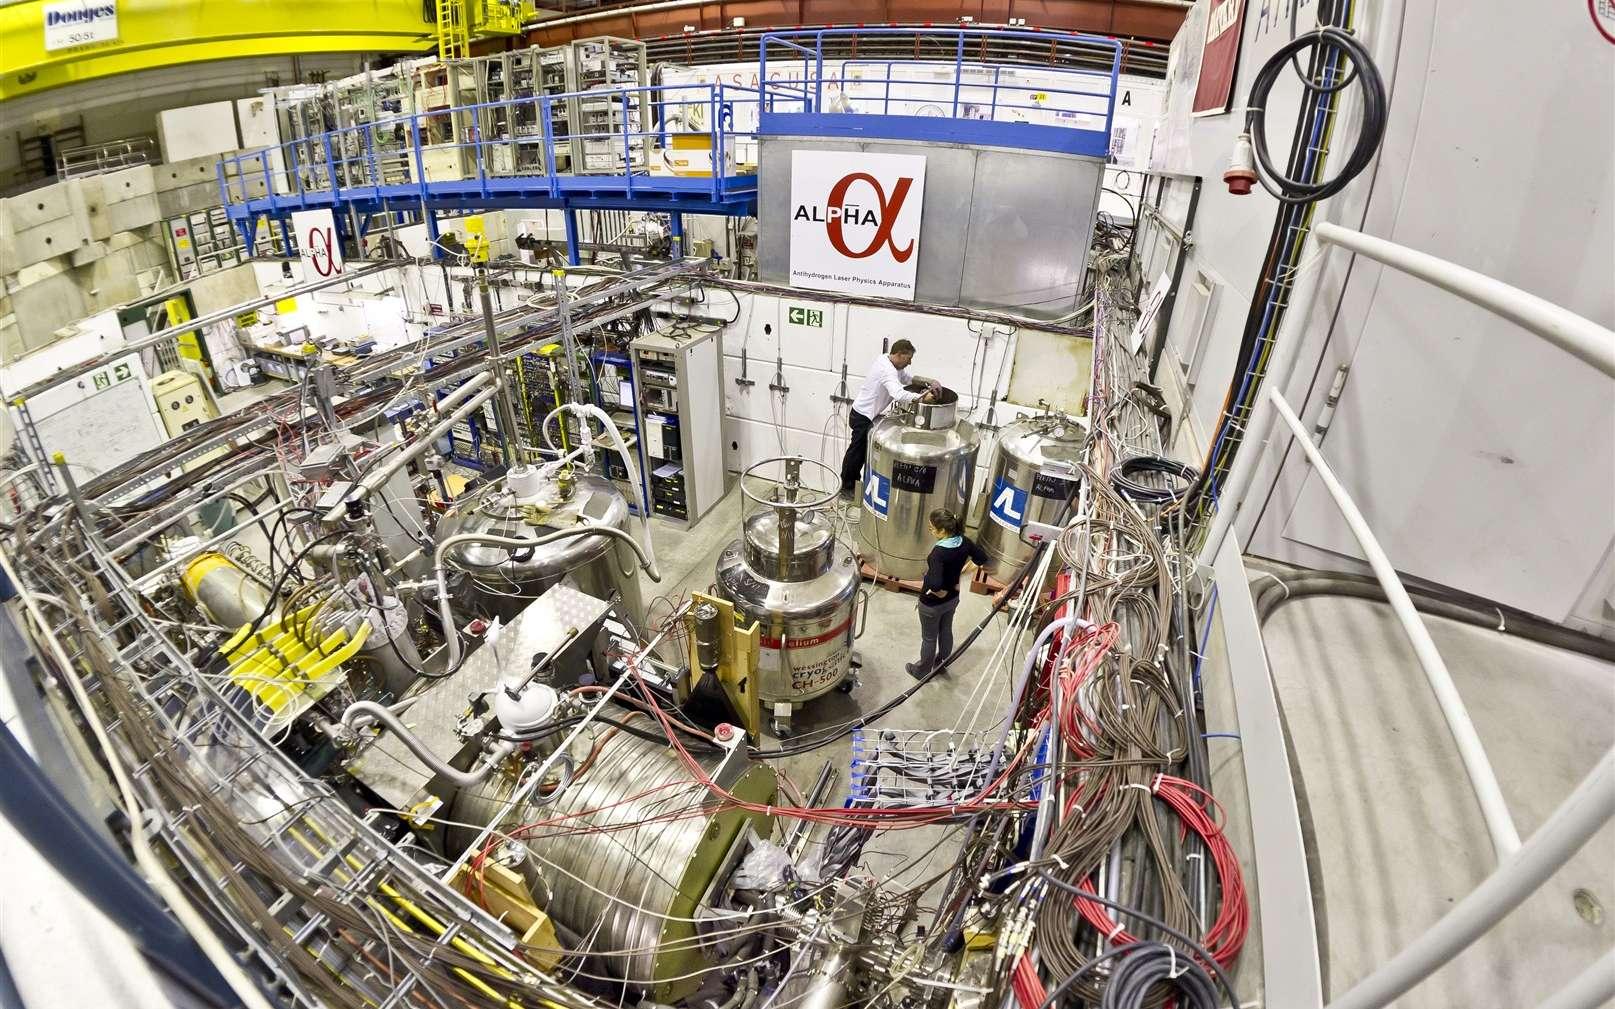 Une vue générale de l'expérience Alpha (Antihydrogen Laser Physics Apparatus) au Cern. On espère qu'elle permettra de comprendre pourquoi l'univers observable contient plus de matière que d'antimatière, alors que les lois connues de la physique exigent leur création en quantités rigoureusement égales pendant le Big Bang. Avec Alpha, les physiciens traquent d'éventuelles différences entre les atomes d'hydrogène et d'antihydrogène. © Maximilien Brice, Cern